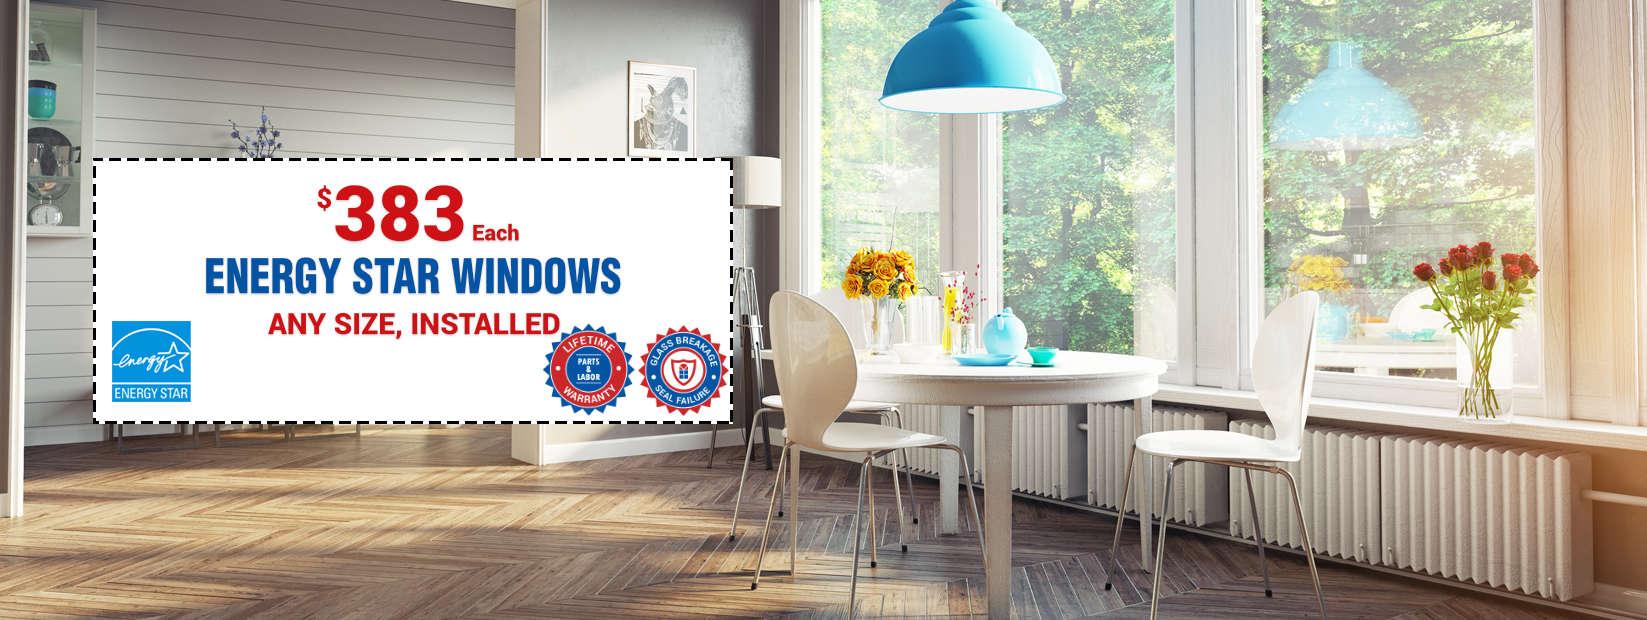 Energy Star Windows Utica, NY